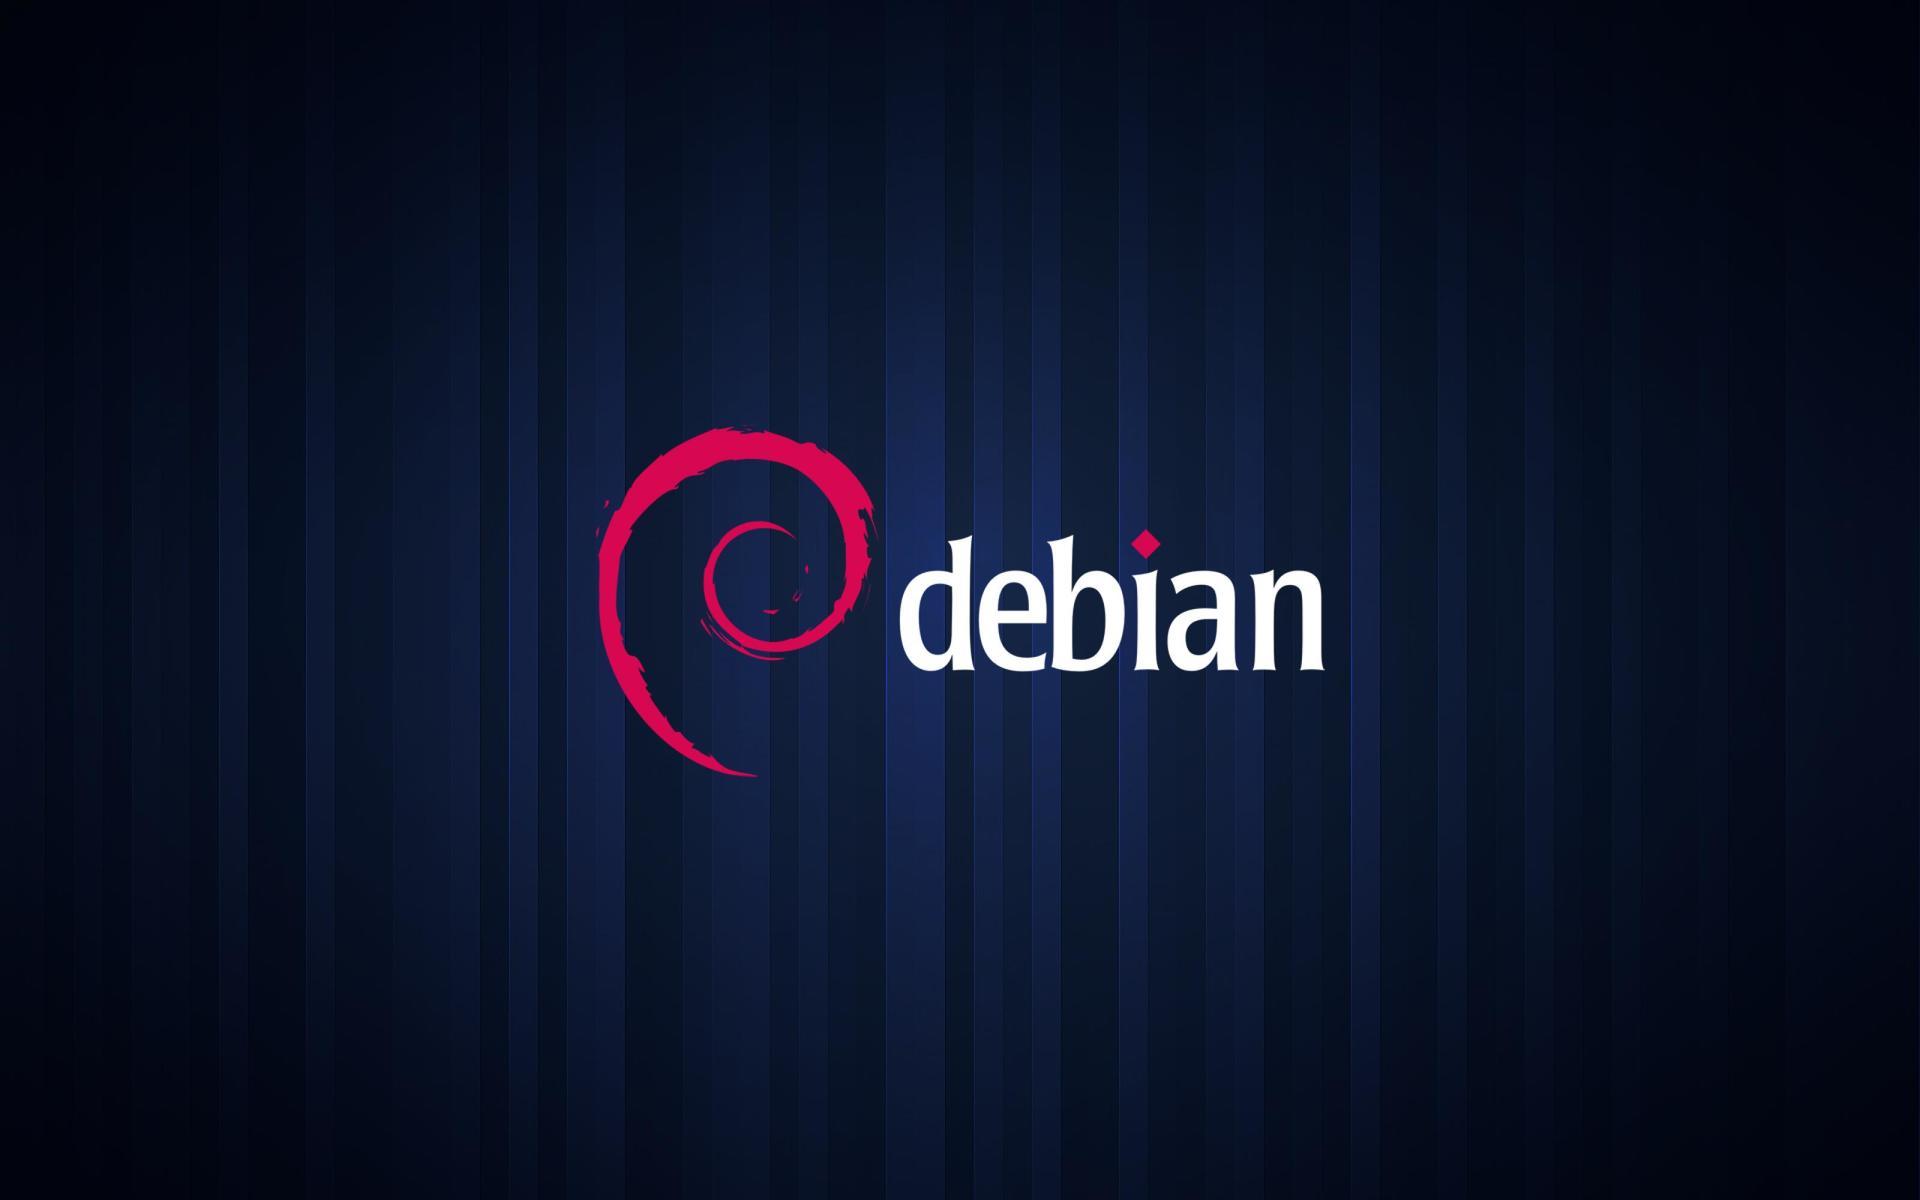 Разработчики Debian публикуют отчет о подготовке «Stretch» и отключают поддержку FTP на своих серверах